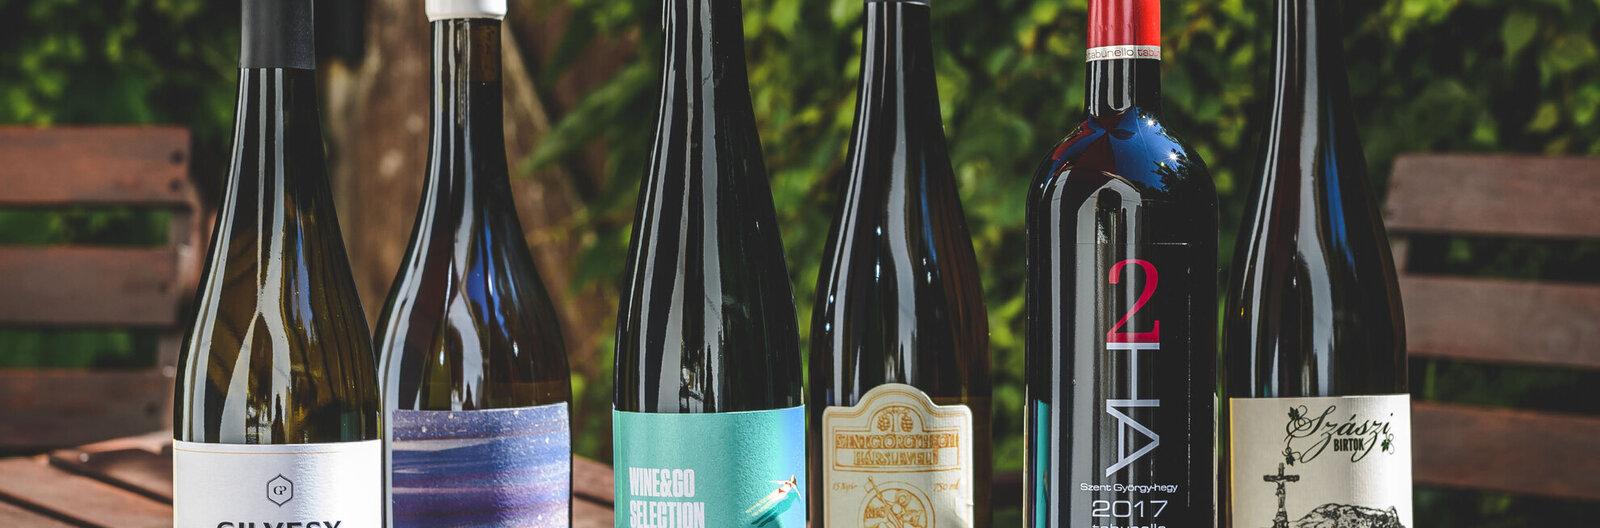 6 Szent György-hegy wines to sample